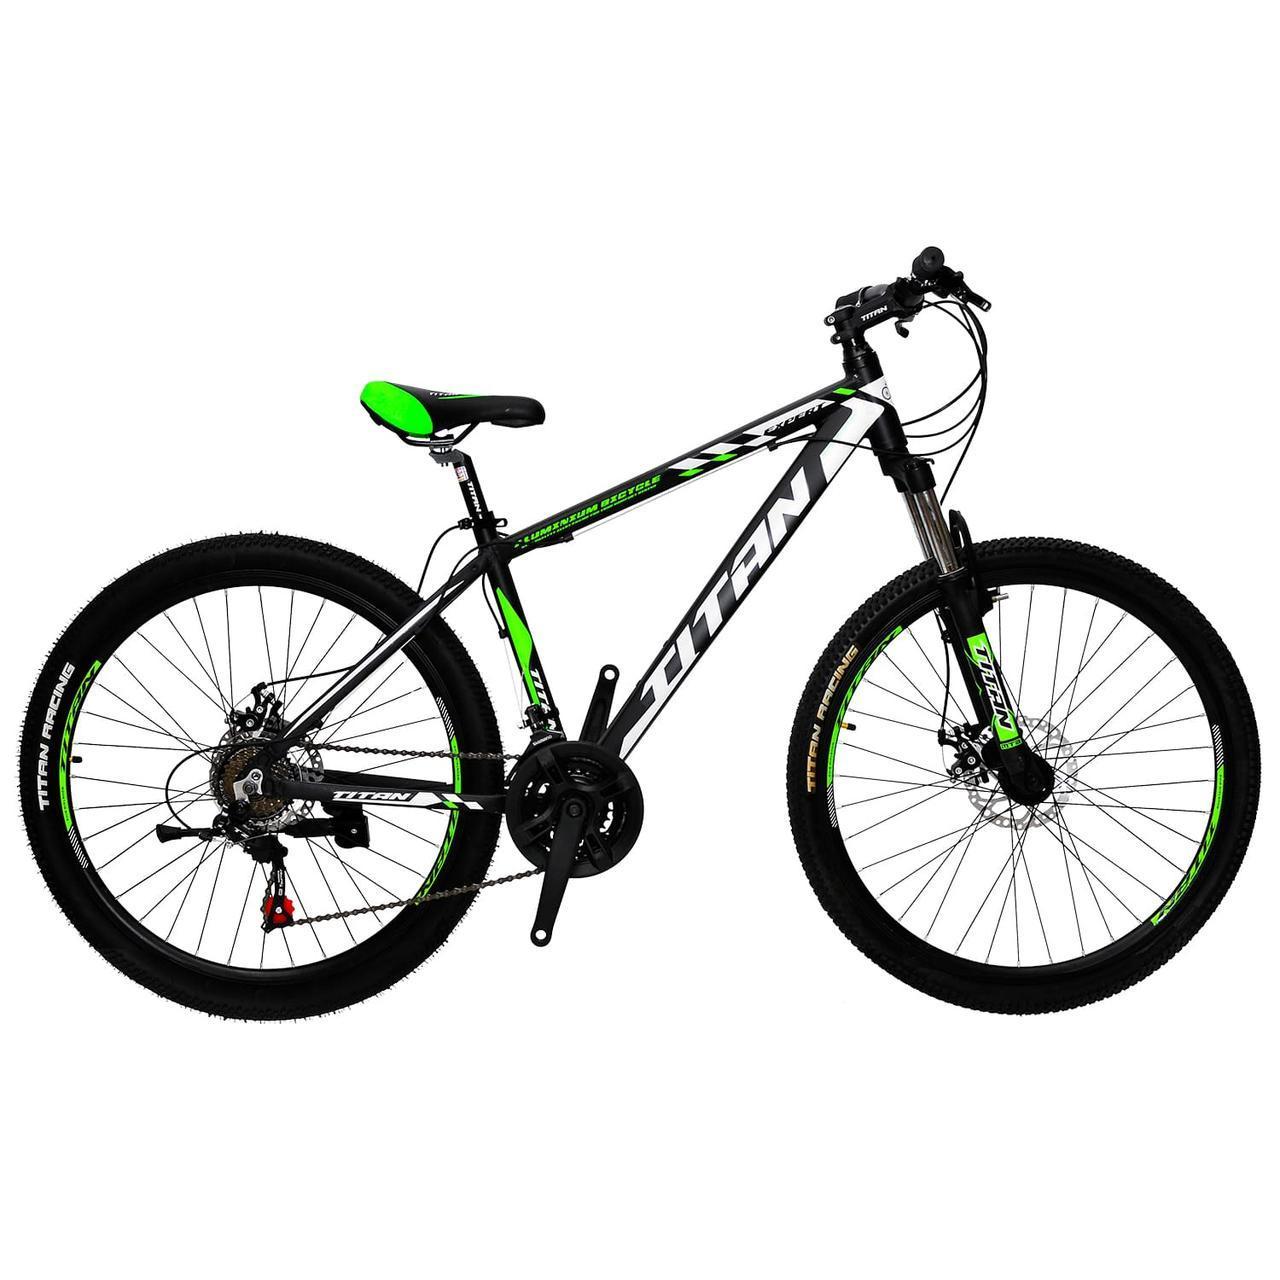 """Горный алюминиевый велосипед 26"""" TITAN EXPERT DD (Shimano, моноблок, Lockout)"""